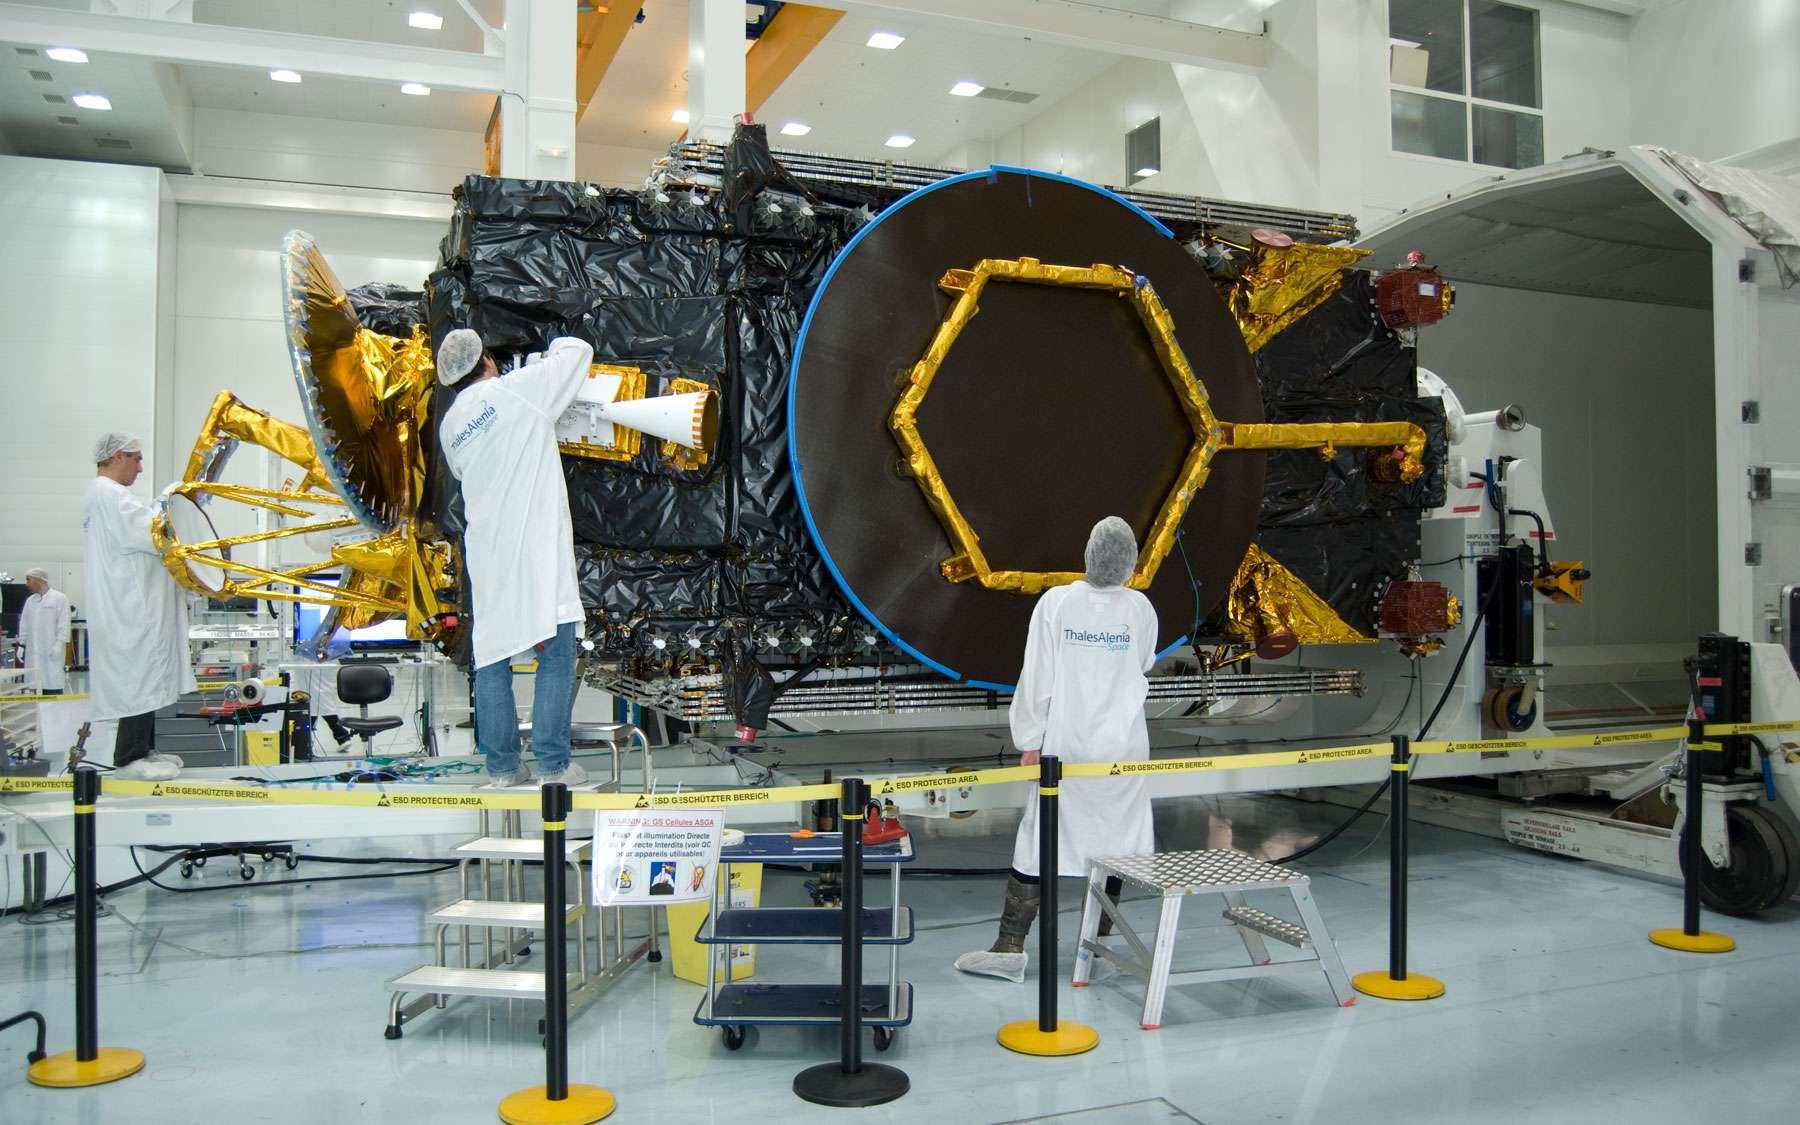 Construit par Thales Alenia Space, le satellite Yamal 402 en phase finale d'intégration, quelques semaines avant son lancement en décembre 2012. © Rémy Decourt